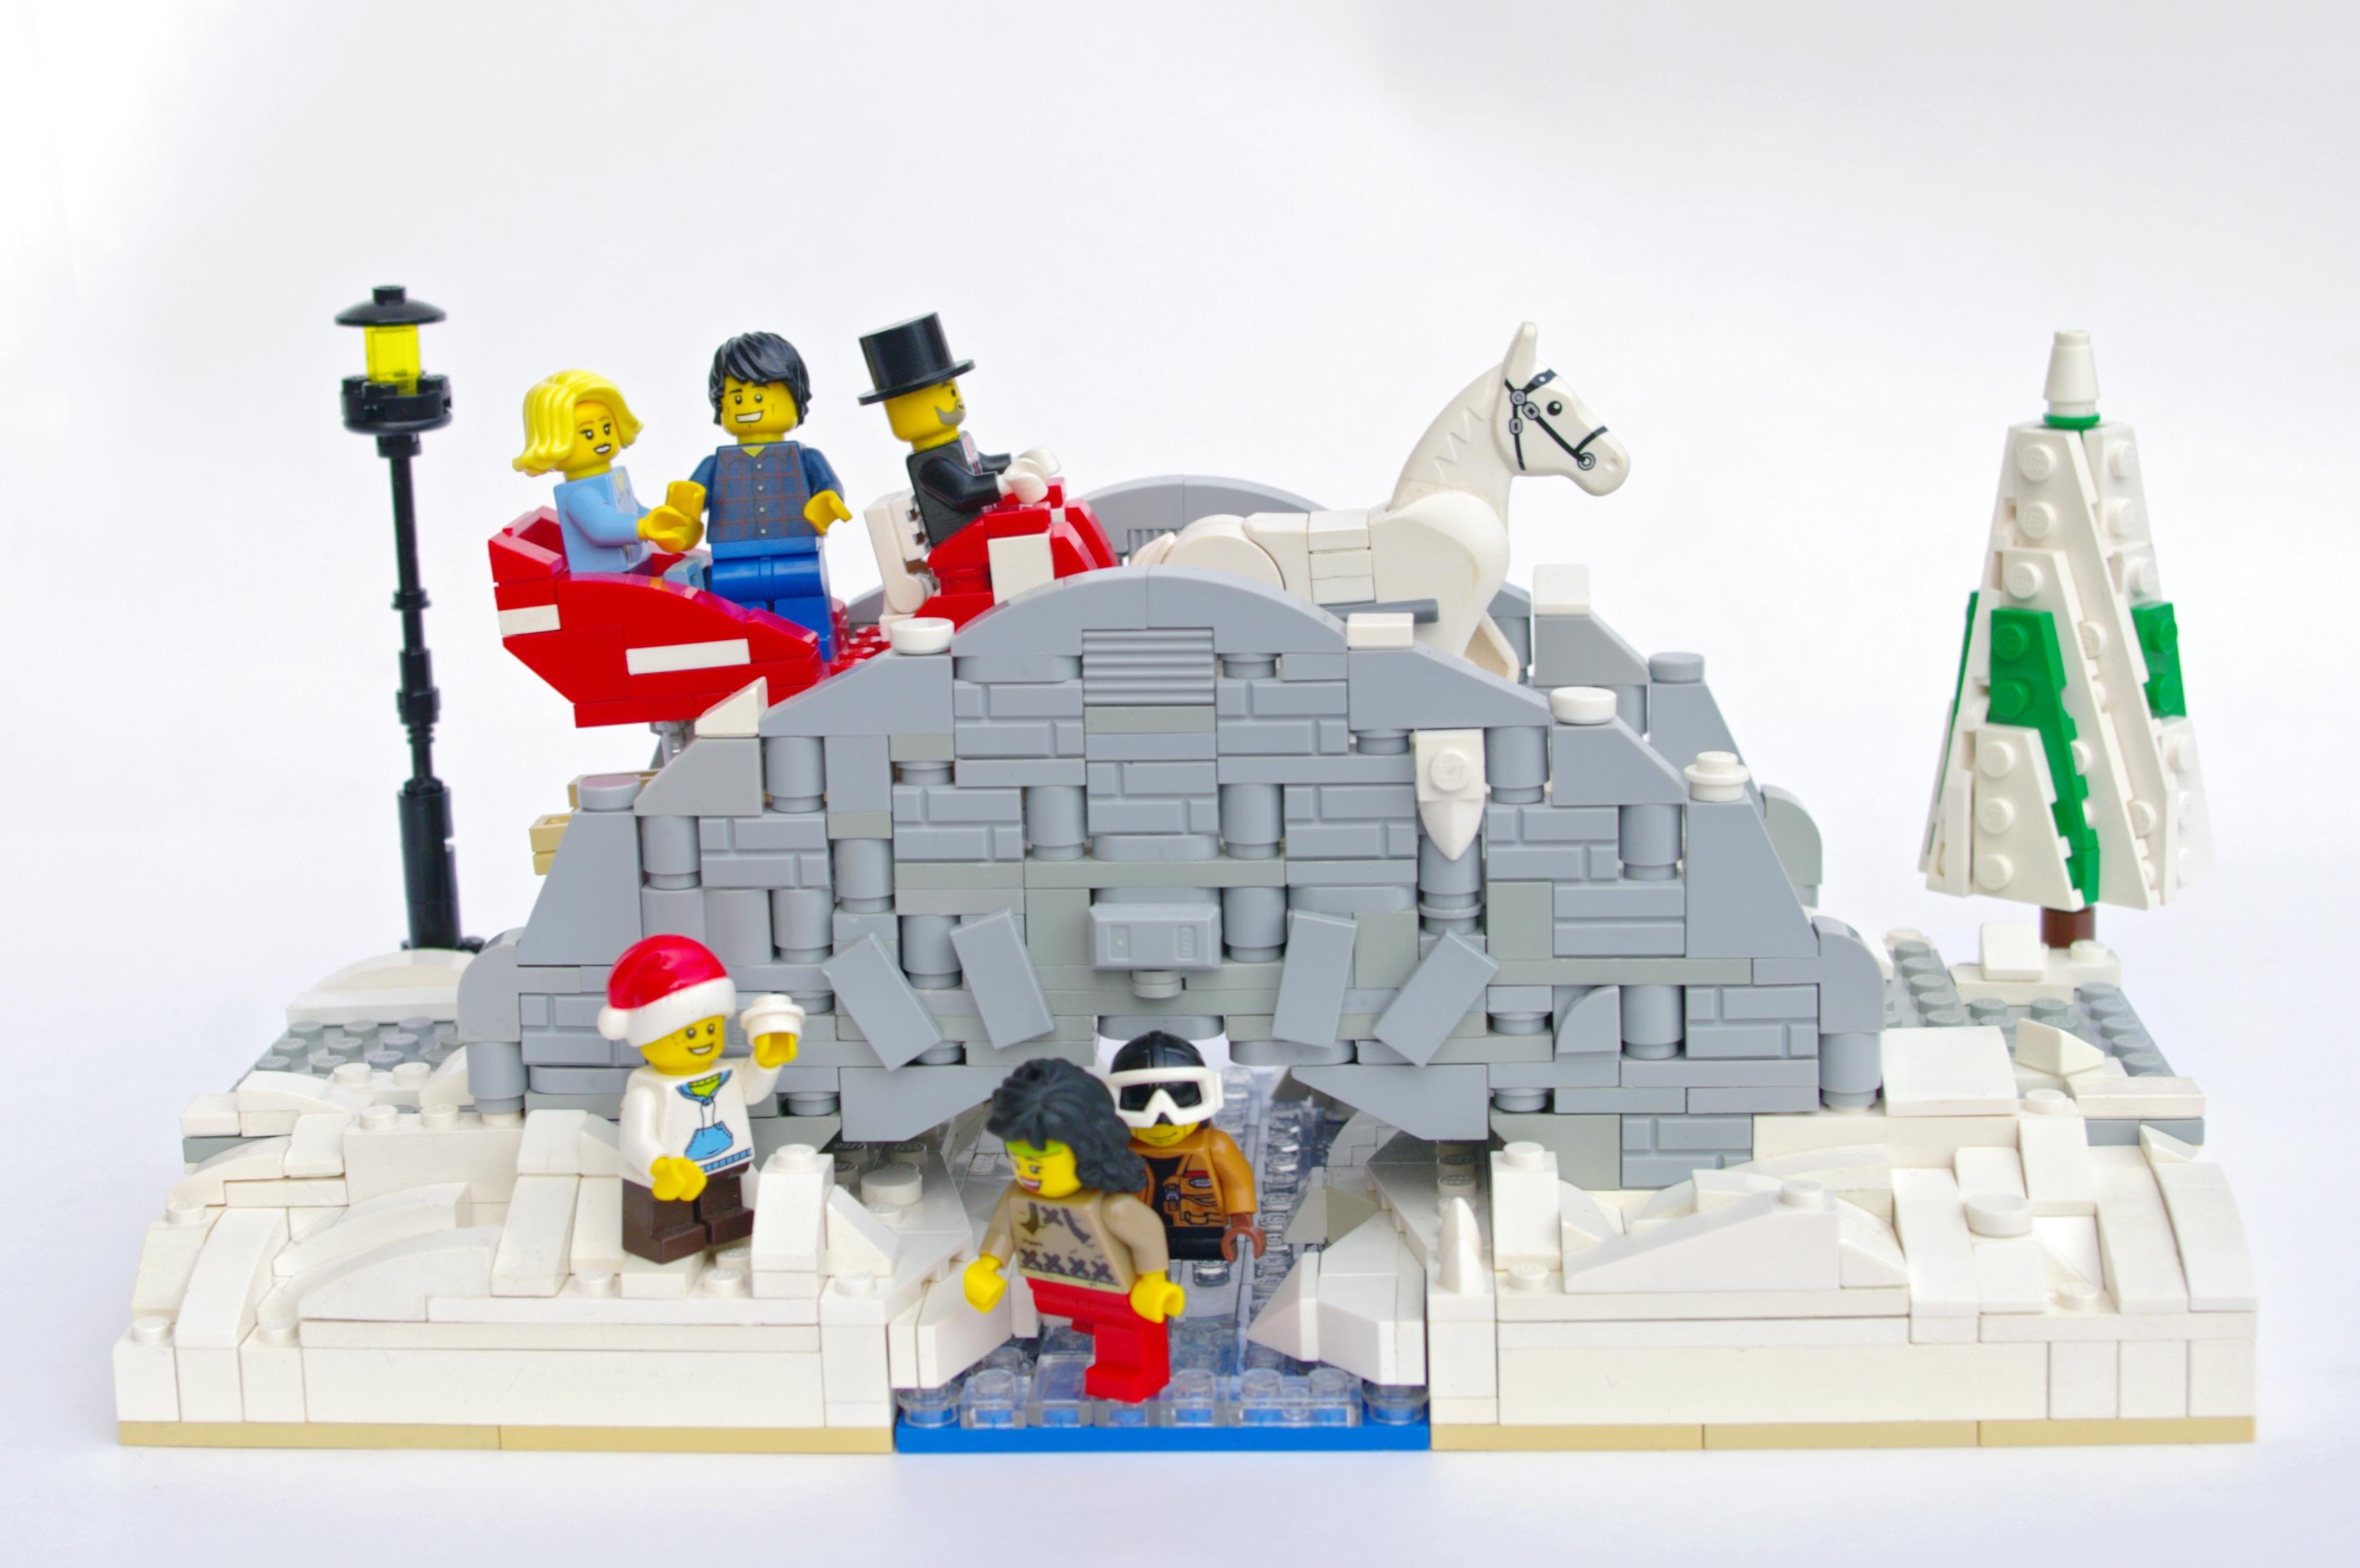 Concurs Winter Brickland – Creatia 10: Winter Bridge